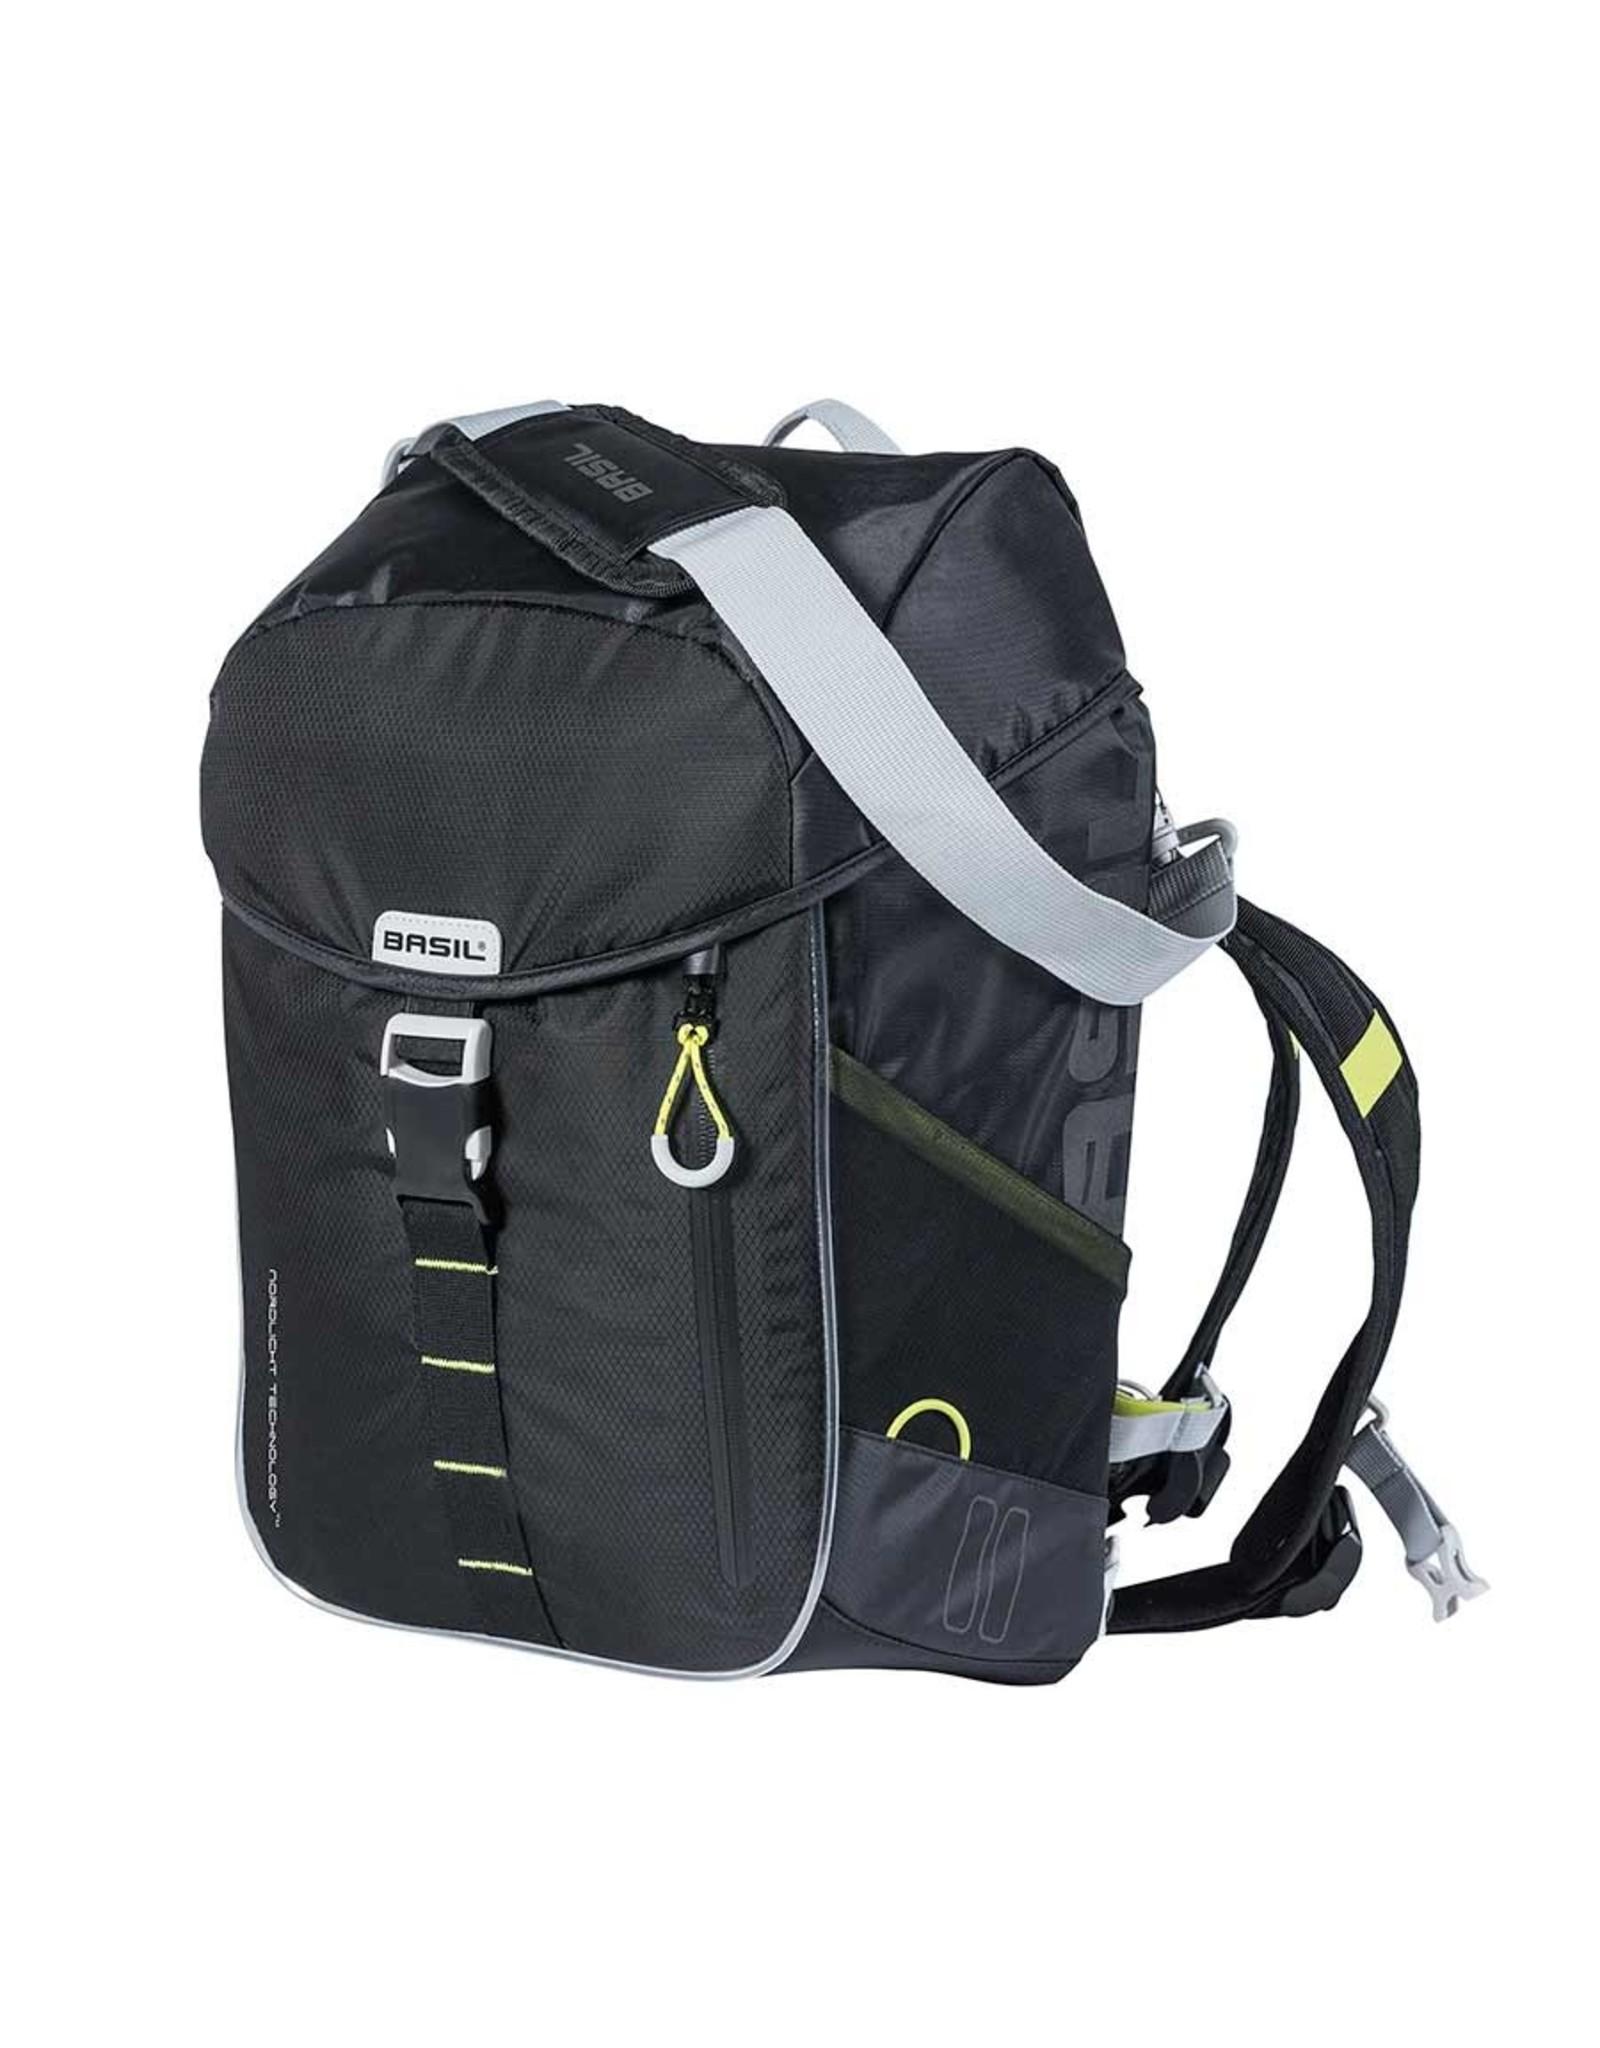 Basil Basil, Miles, Backpack, Nordlicht Technology, 17L, Black/Lime